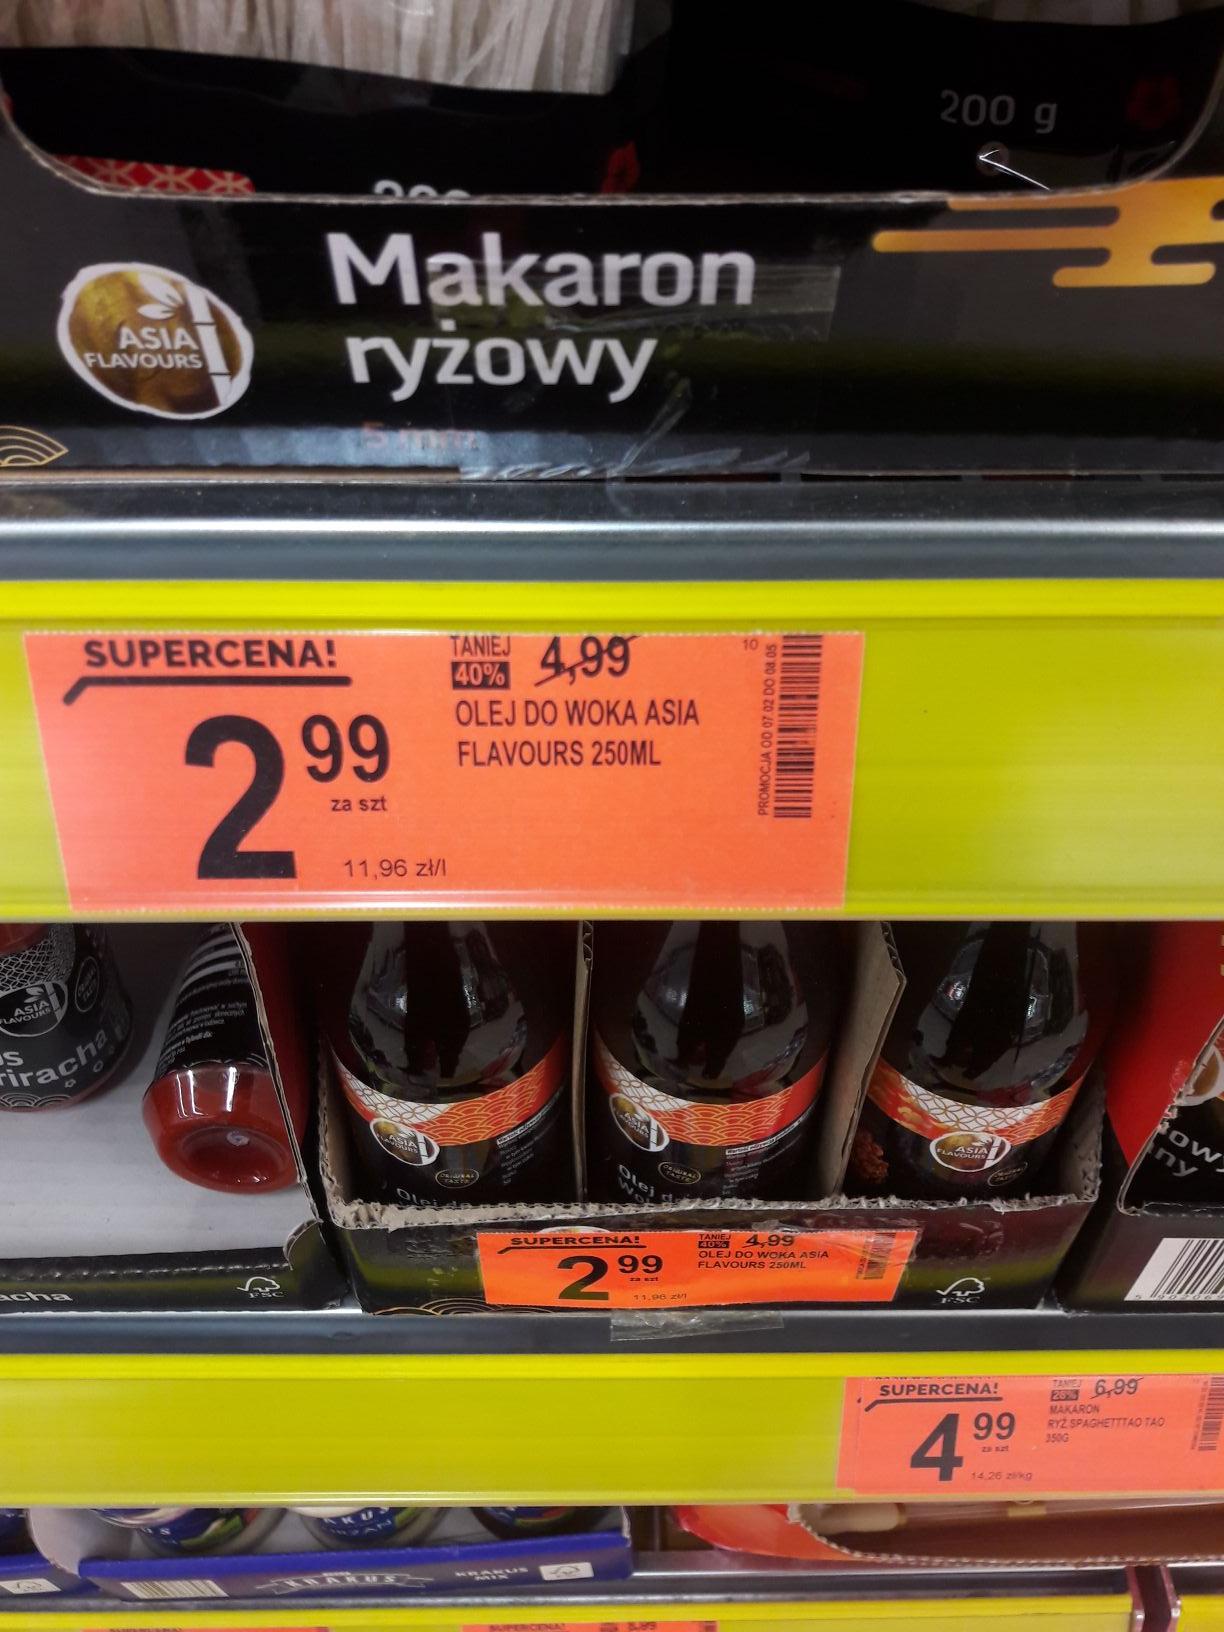 Wyprzedaż produktów kuchni azjatyckiej w Biedronce m.in. Olej do woka za 2.99 Asia Flavours